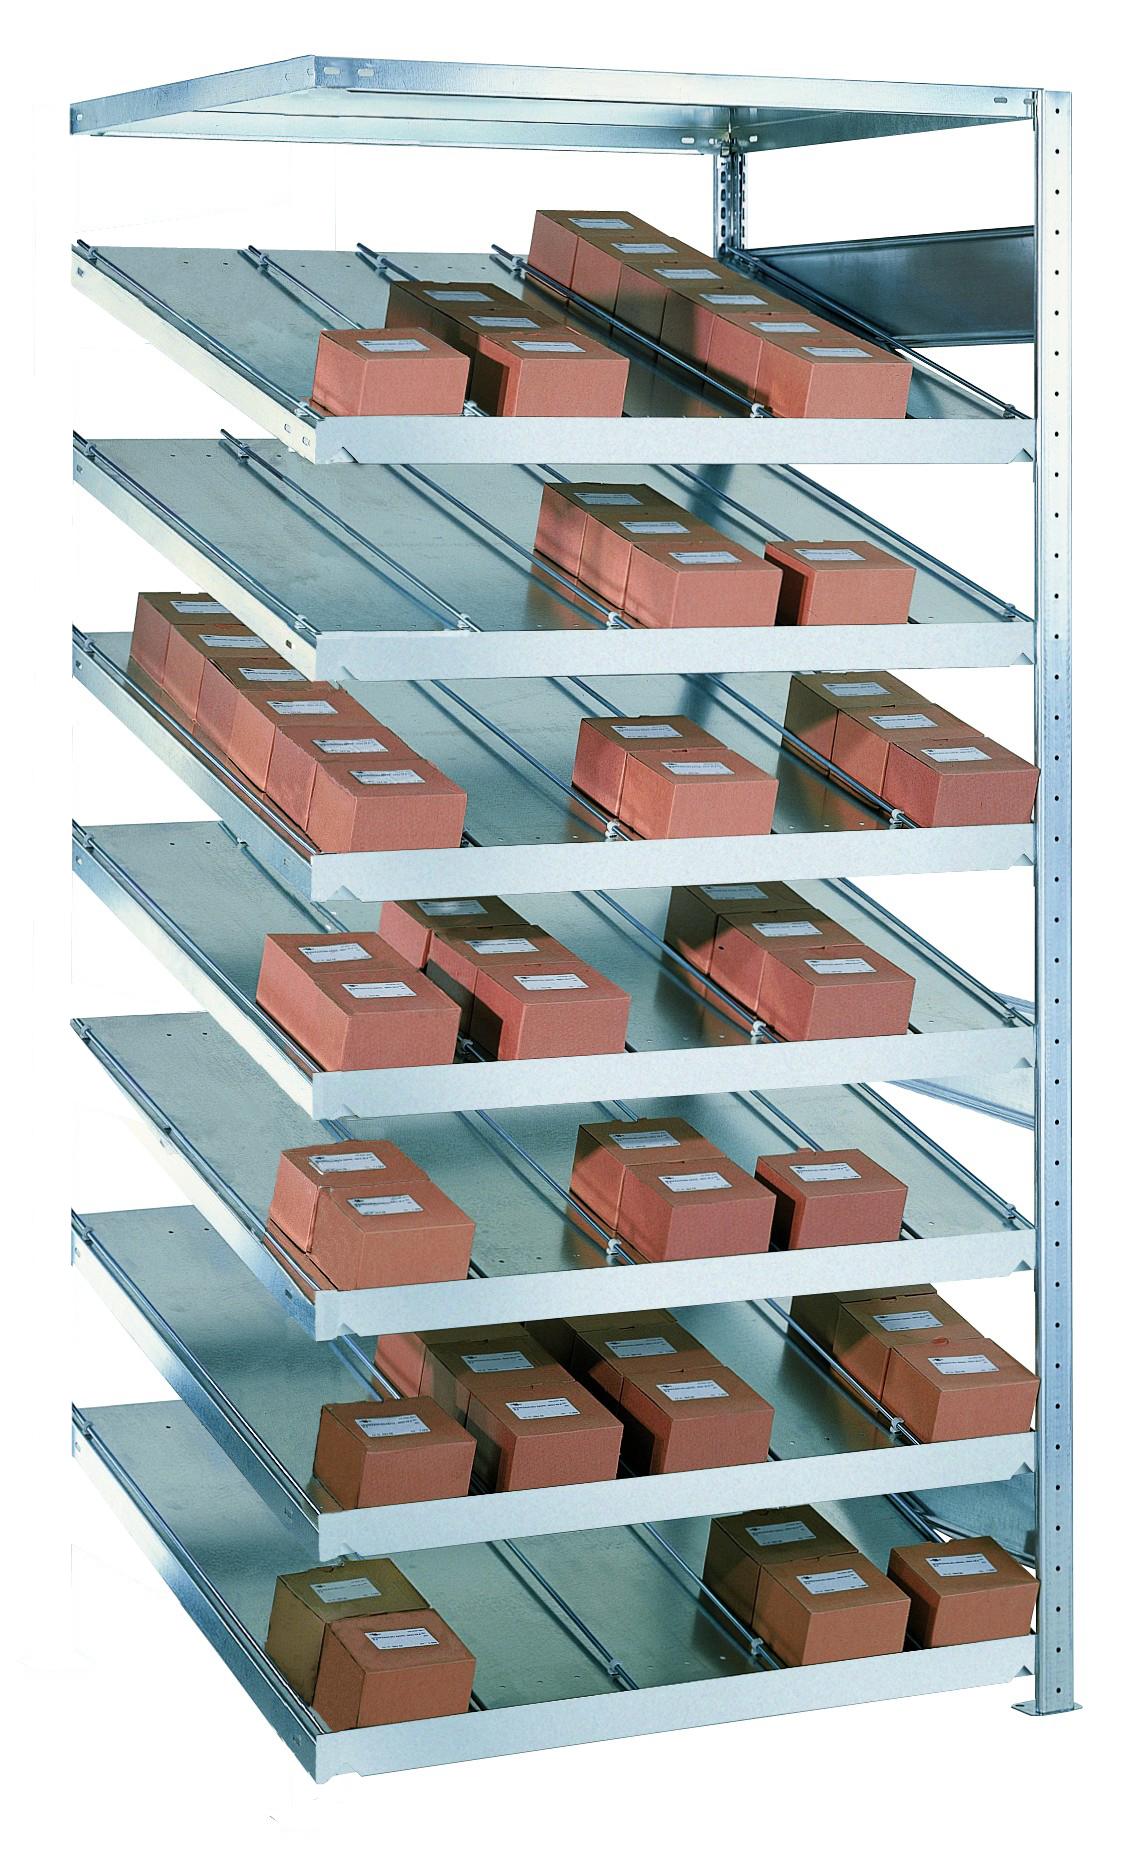 Full Size of Kanban Regal Englisch Kaufen Bito Fahrbar Kleinteile Kosten Regalsysteme Regalsystem Gebraucht Schulte Kanbananbauregal 2000x1000x600 Kinderzimmer Für Regal Kanban Regal